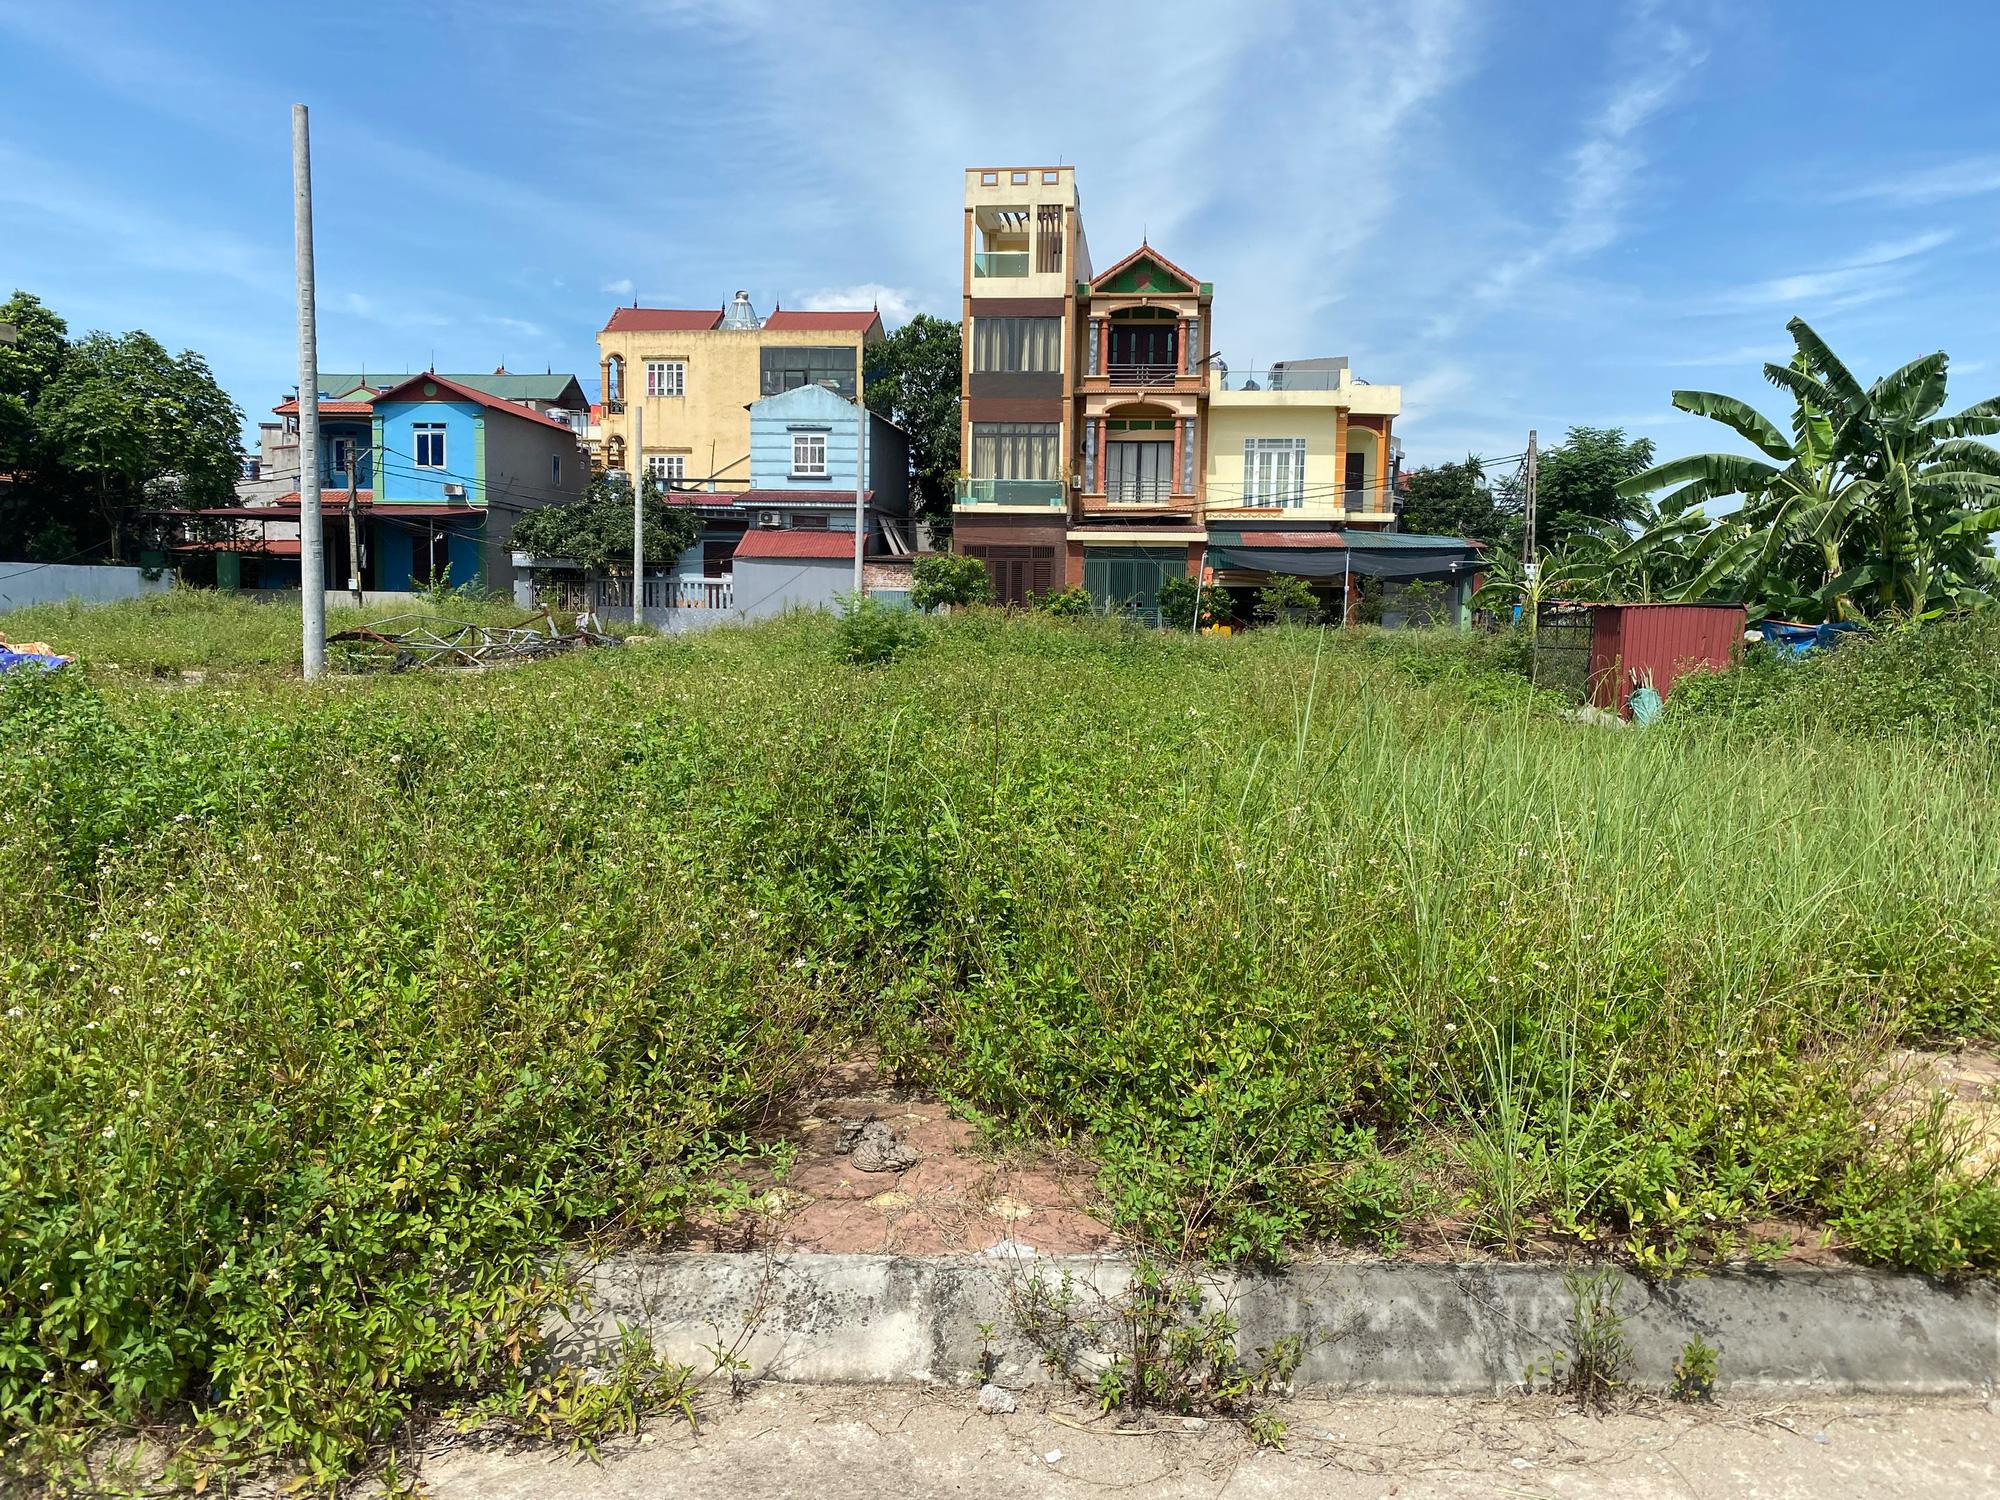 Nhà đầu tư đánh liều mua đất online giữa mùa dịch - Ảnh 5.